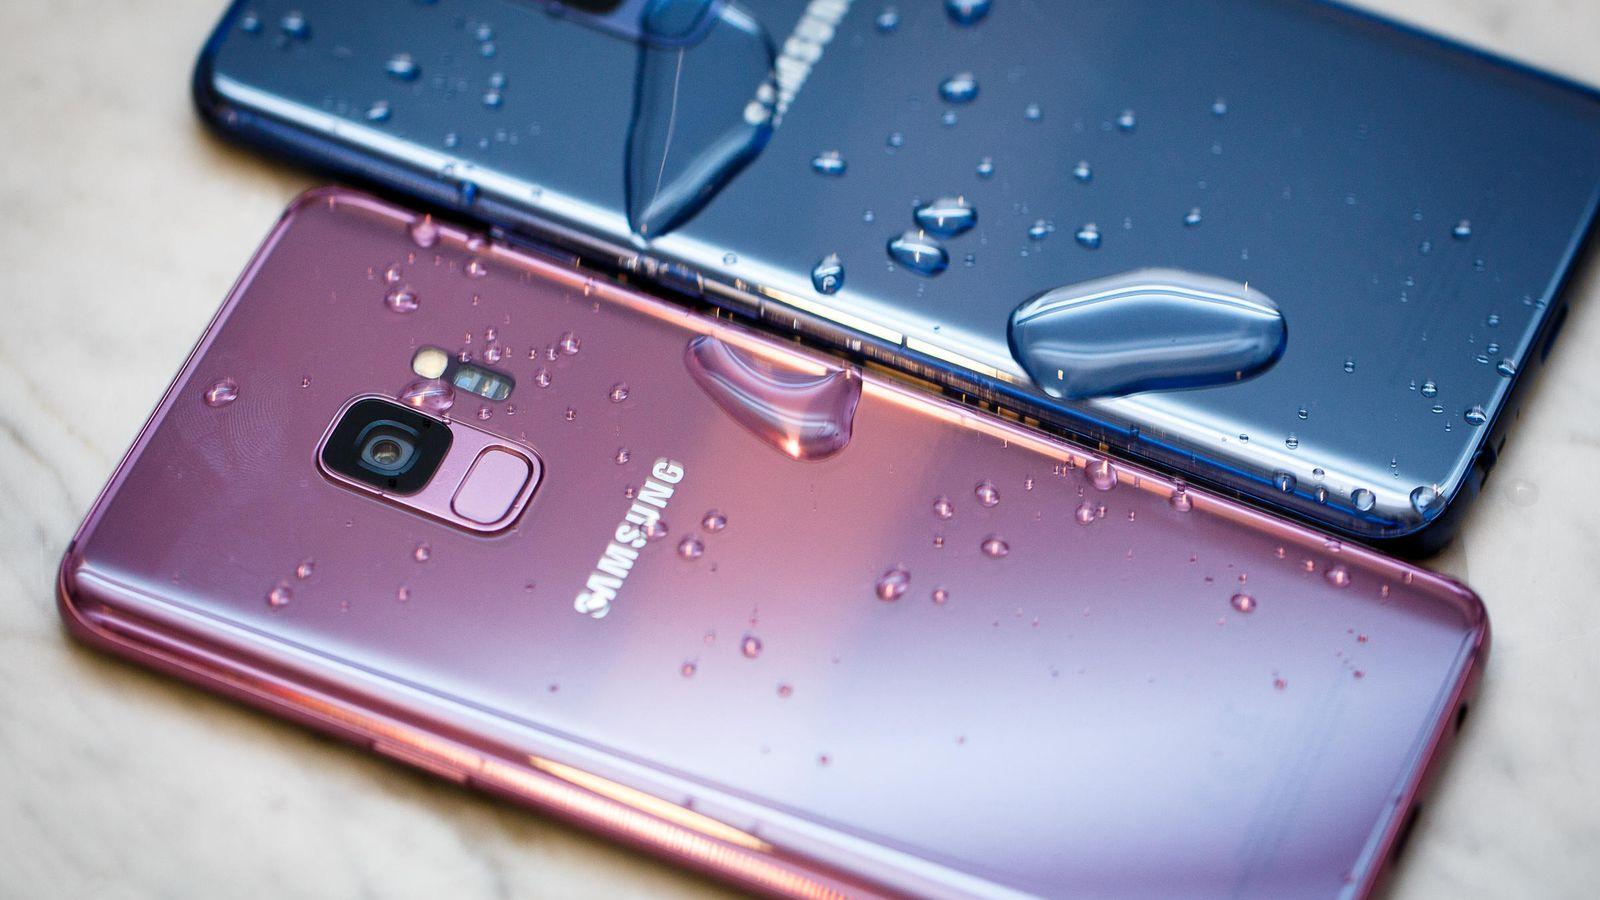 Daftar Harga Layar dan Spare part Samsung Galaxy Terbaru Update Februari 2019